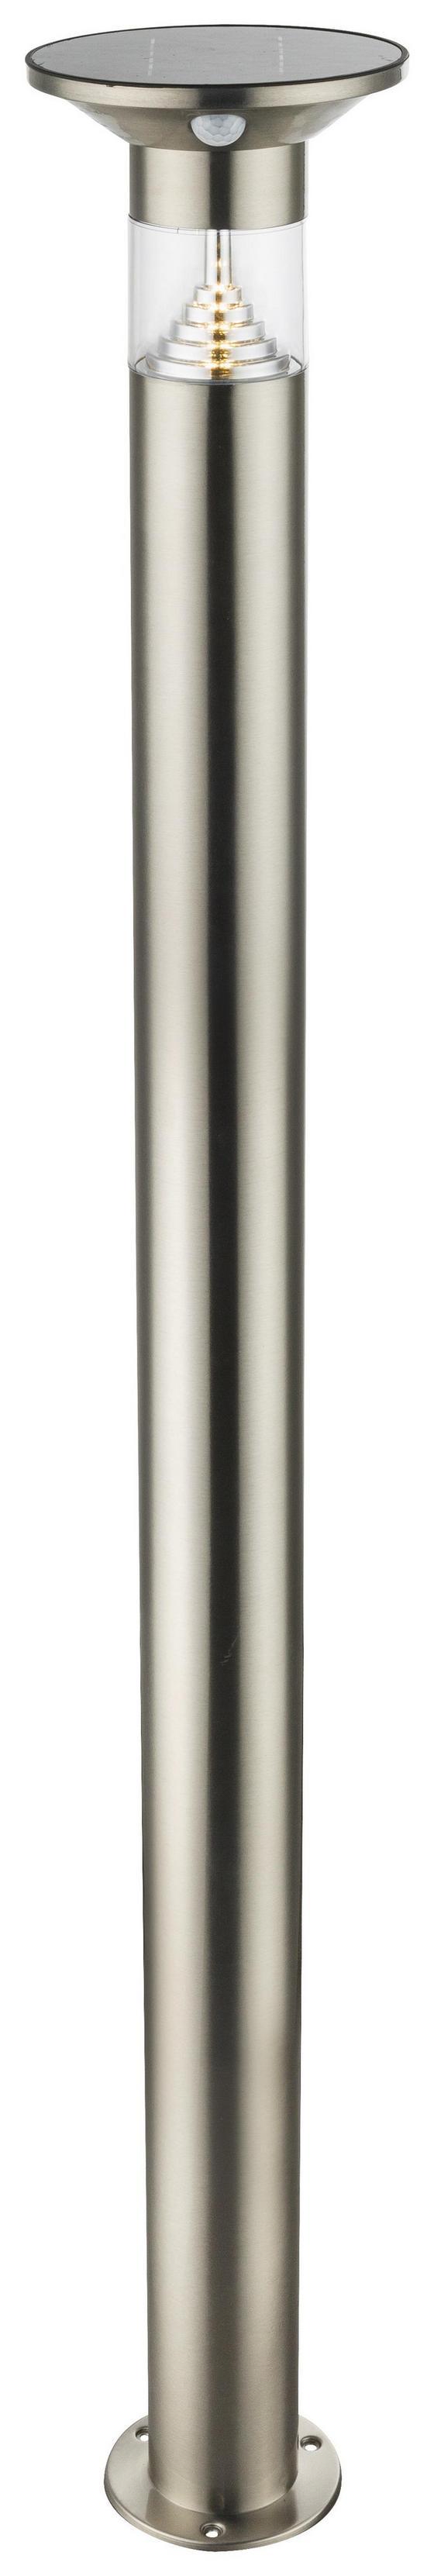 LED-solarleuchte Clea - Klar/Edelstahlfarben, MODERN, Kunststoff/Metall (16/136cm)